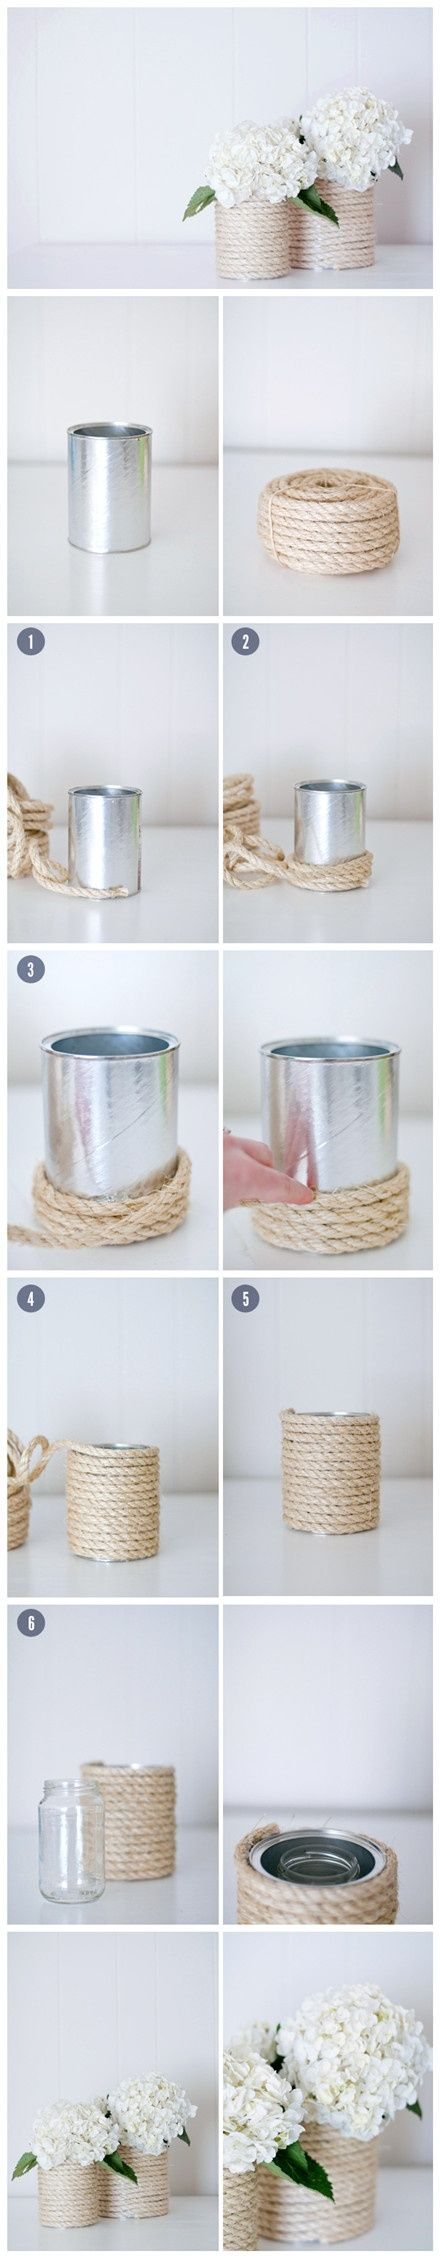 Как выглядят рукодельные подарки, интересные вашим близким: металлическая ваза, украшенная веревкой - обмотка